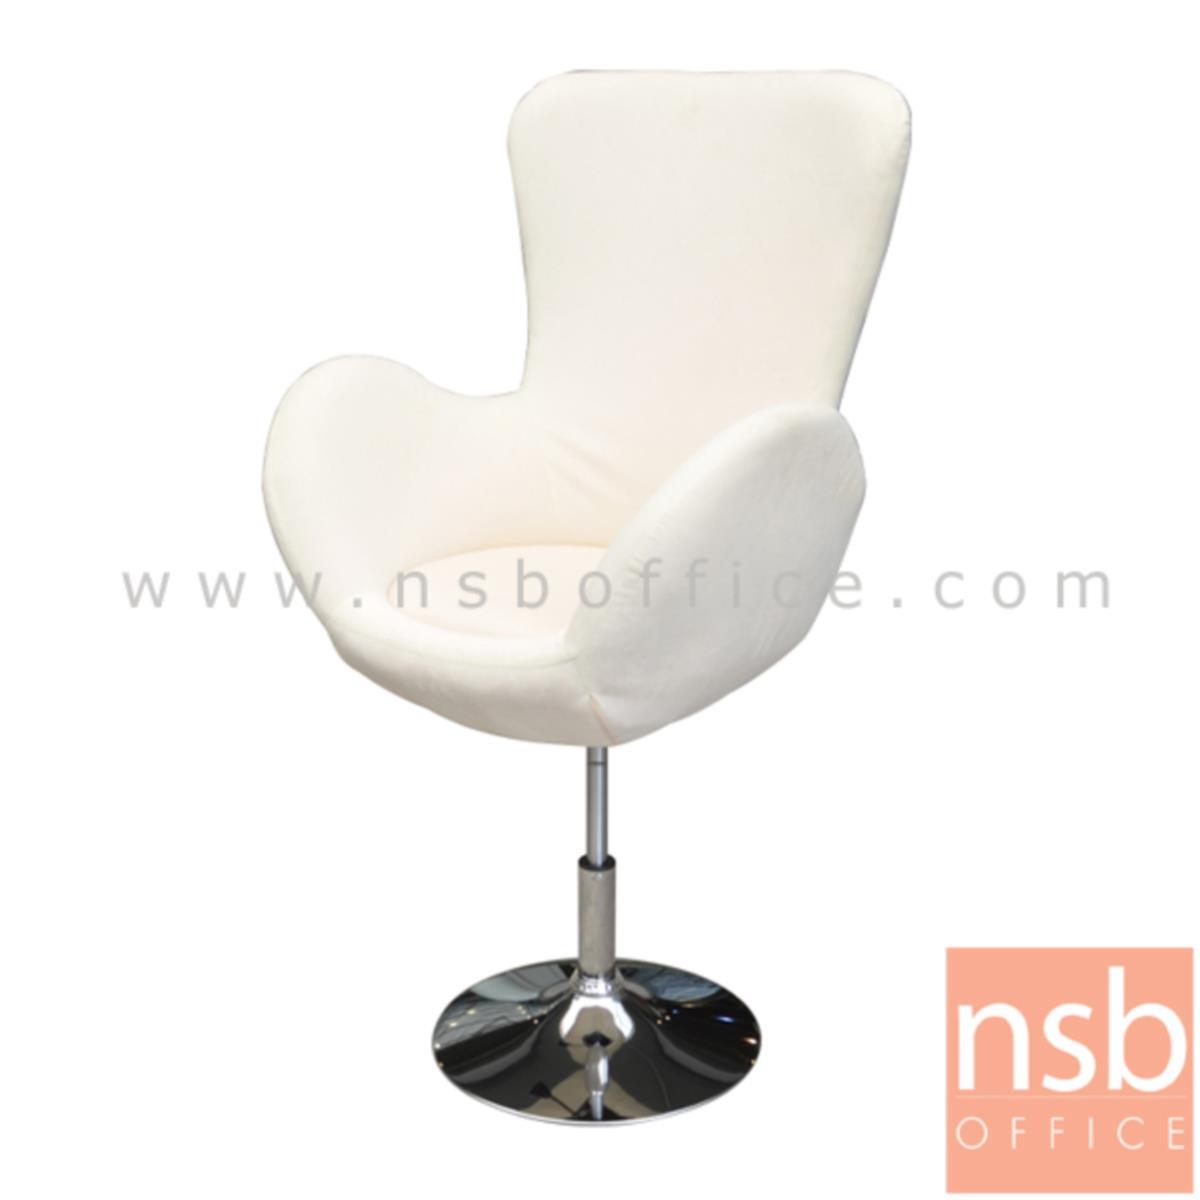 เก้าอี้พักผ่อนบุผ้า  รุ่นNP-2069 ขนาด 72W cm. (ผลิต 45-60 วัน)